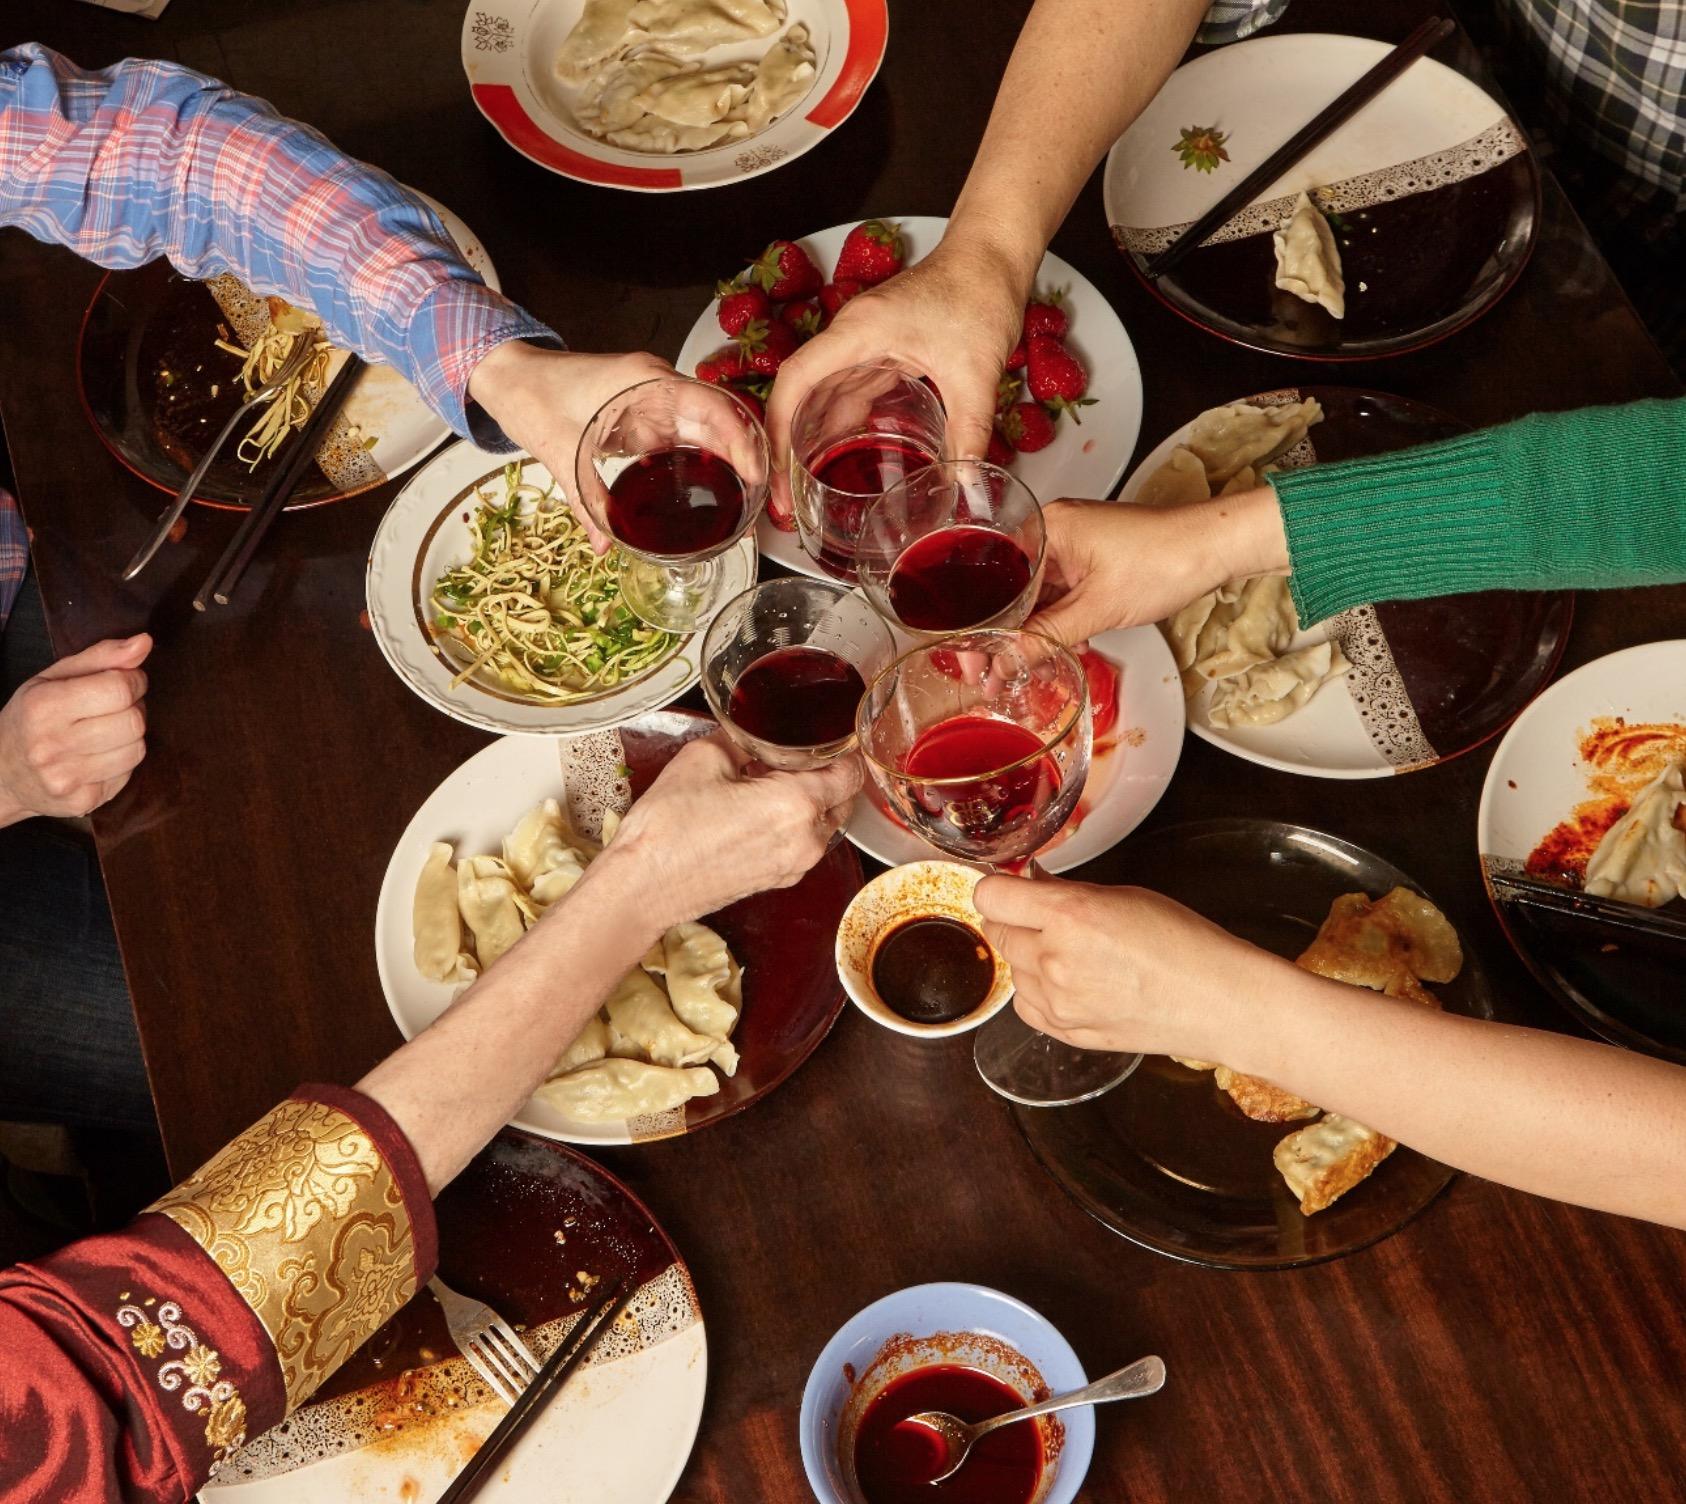 ワインにはポリフェノールが含まれている?ポリフェノールって何?